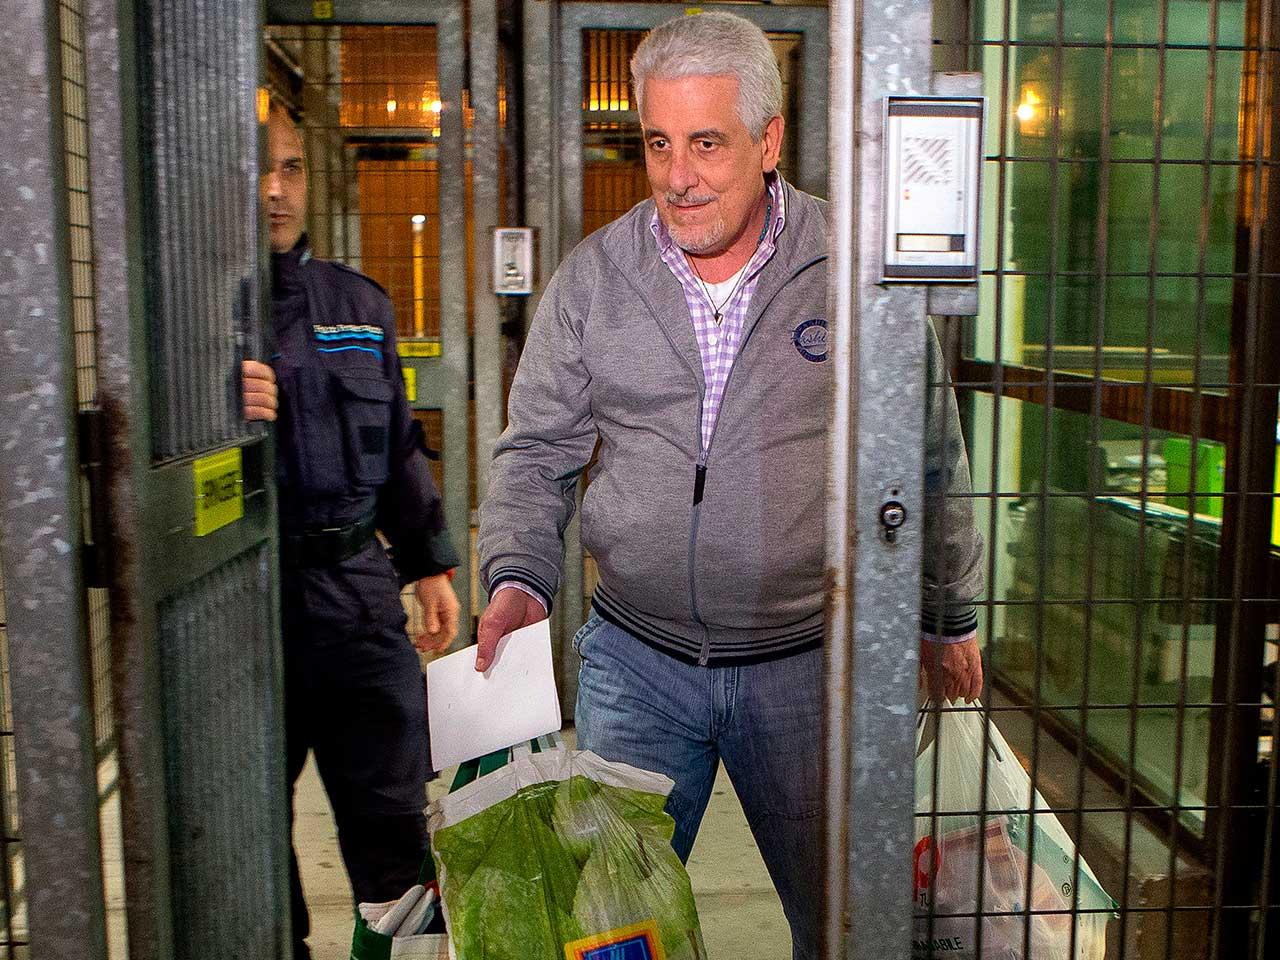 Henrique Pizzolato cumpre pena de 12 anos e 7 meses de prisão, além de multa que ele vai parcelar